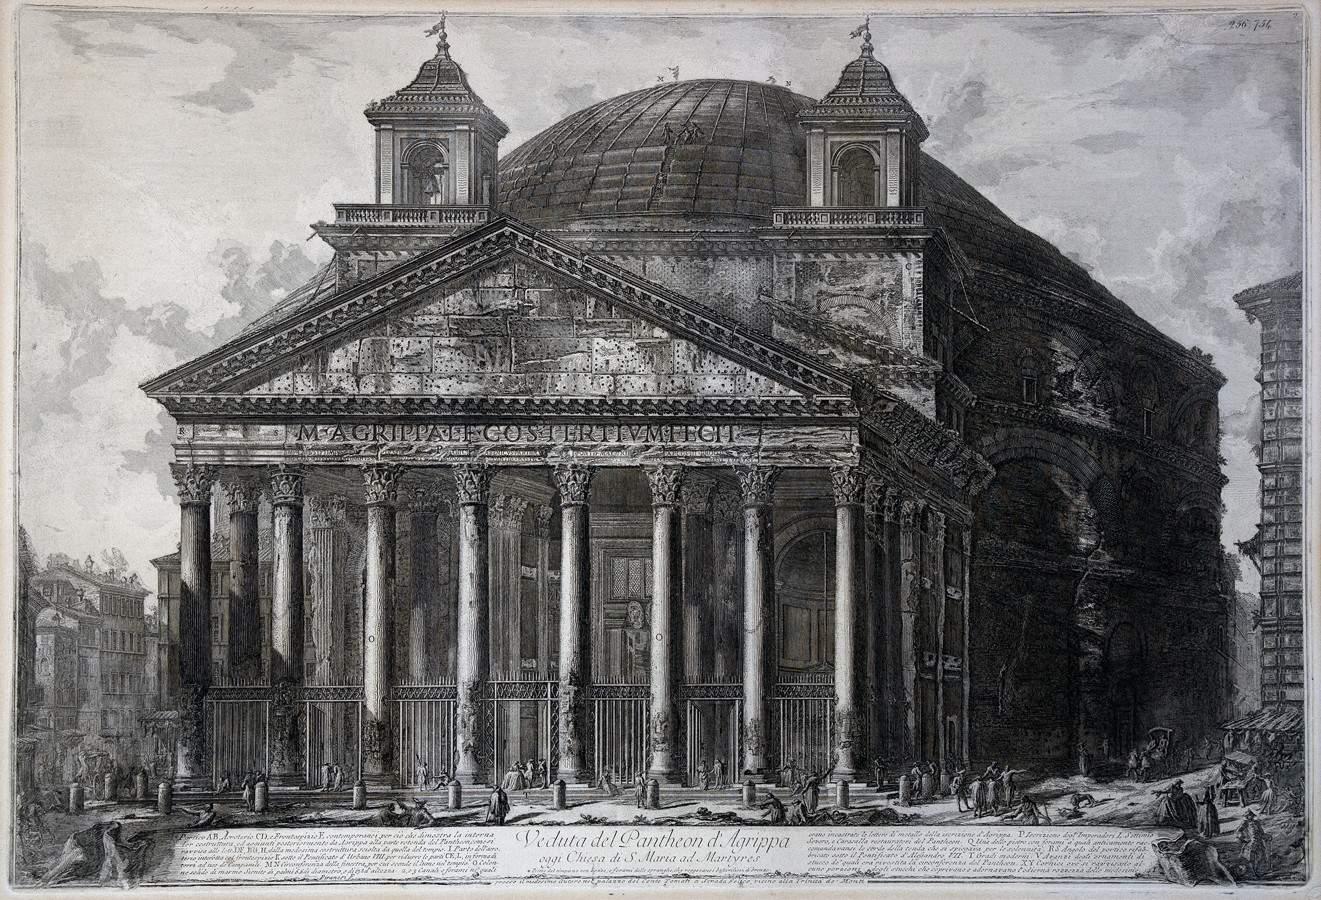 Giovanni Battista Piranesi. Veduta de Pantheon d' Agrippa oggi Chiesa die S. Maria ad Martyres.